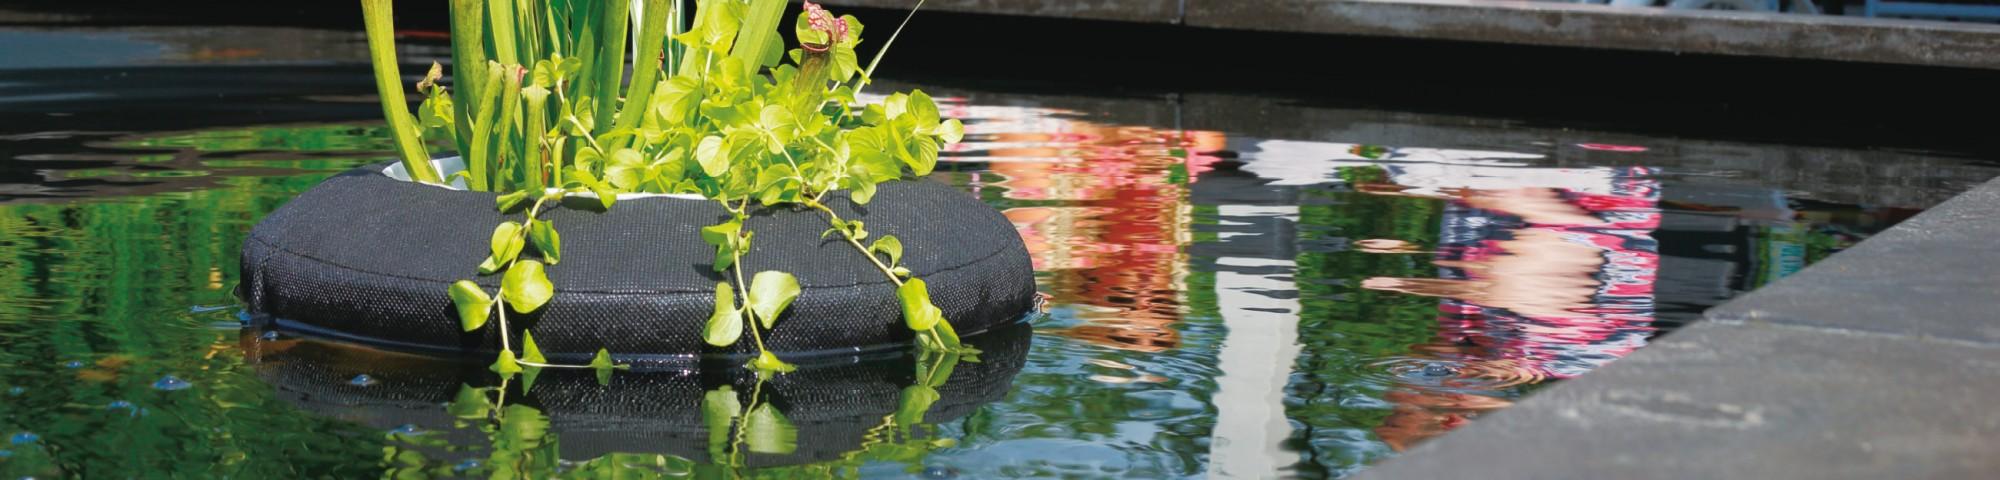 Welche Art Teich wählen Sie